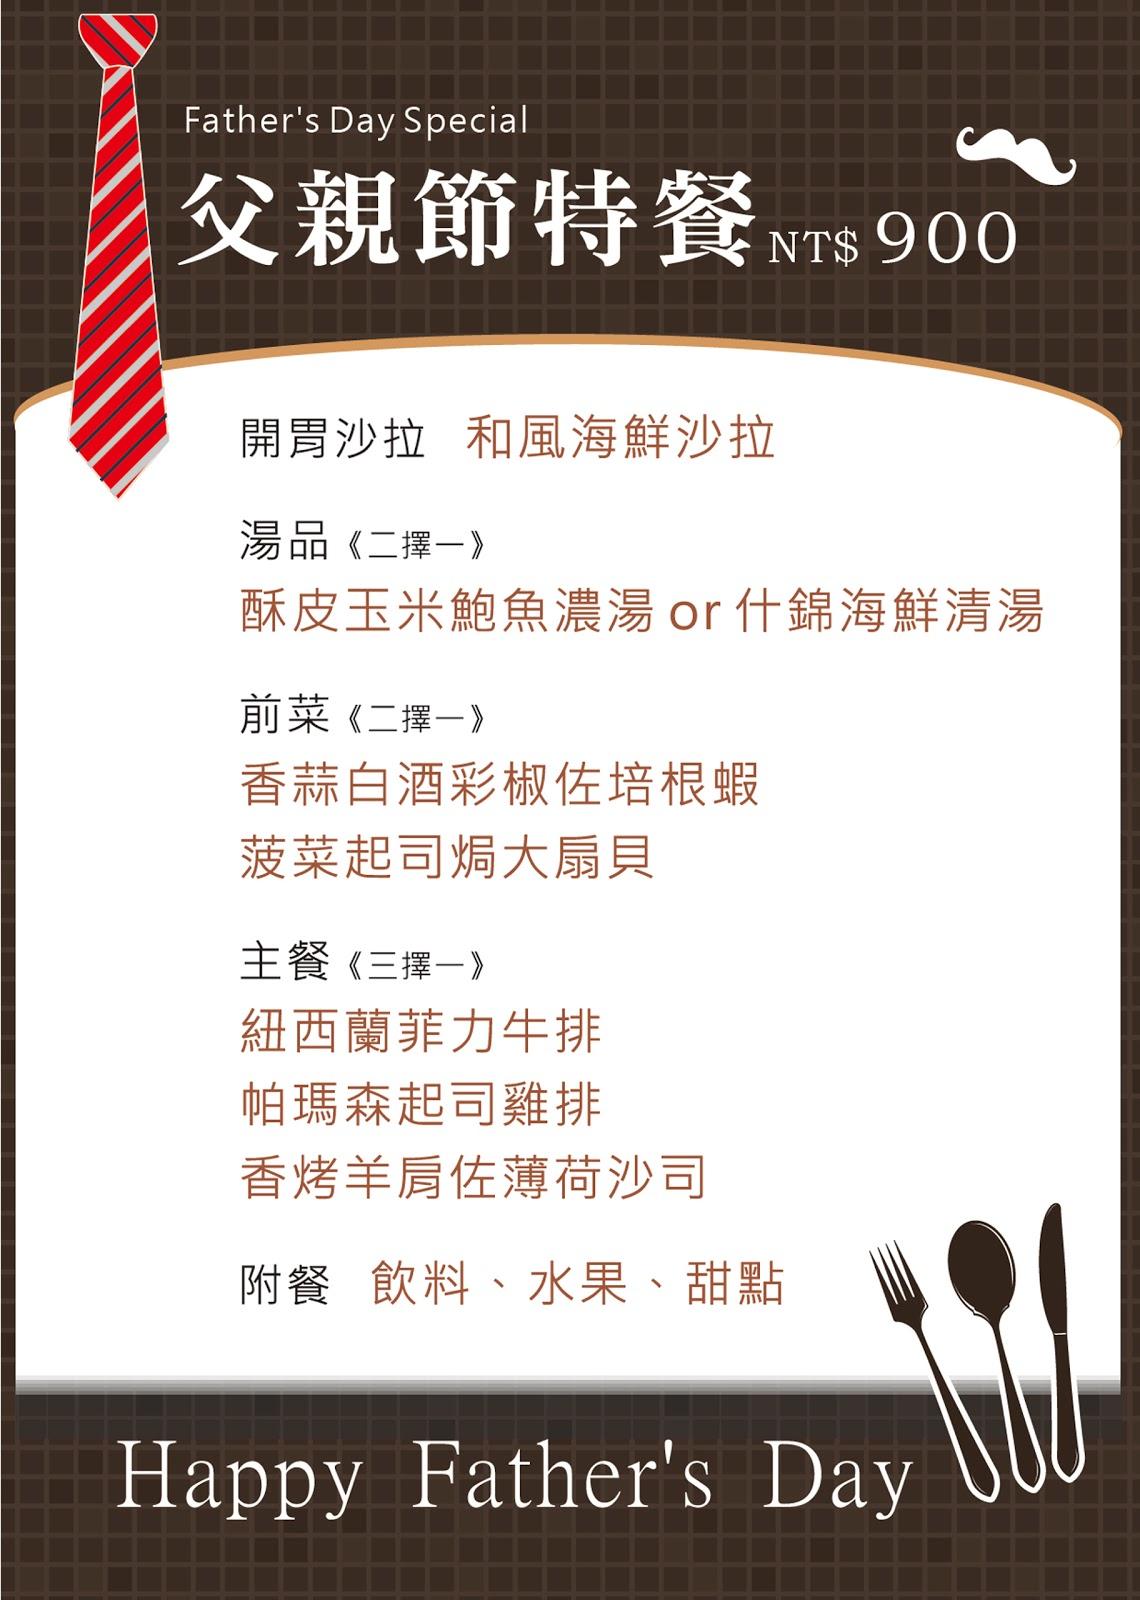 華星牛排館 h-steak: 父親節特餐 來囉!